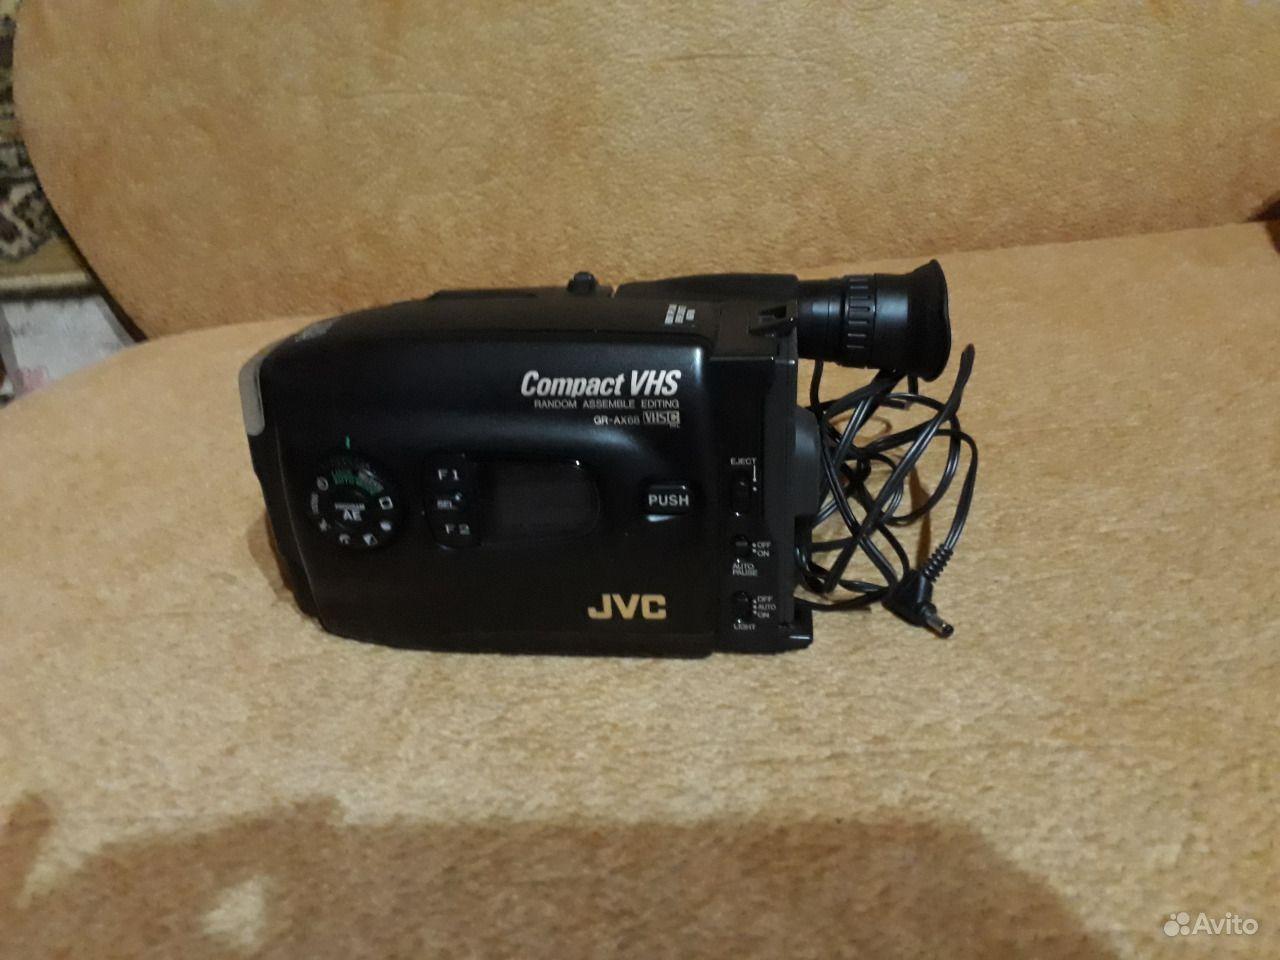 Видеокамера jvc gz mg67e - ремонт в Москве срочный ремонт экрана телефона сони иксперия с3 в благовещенске